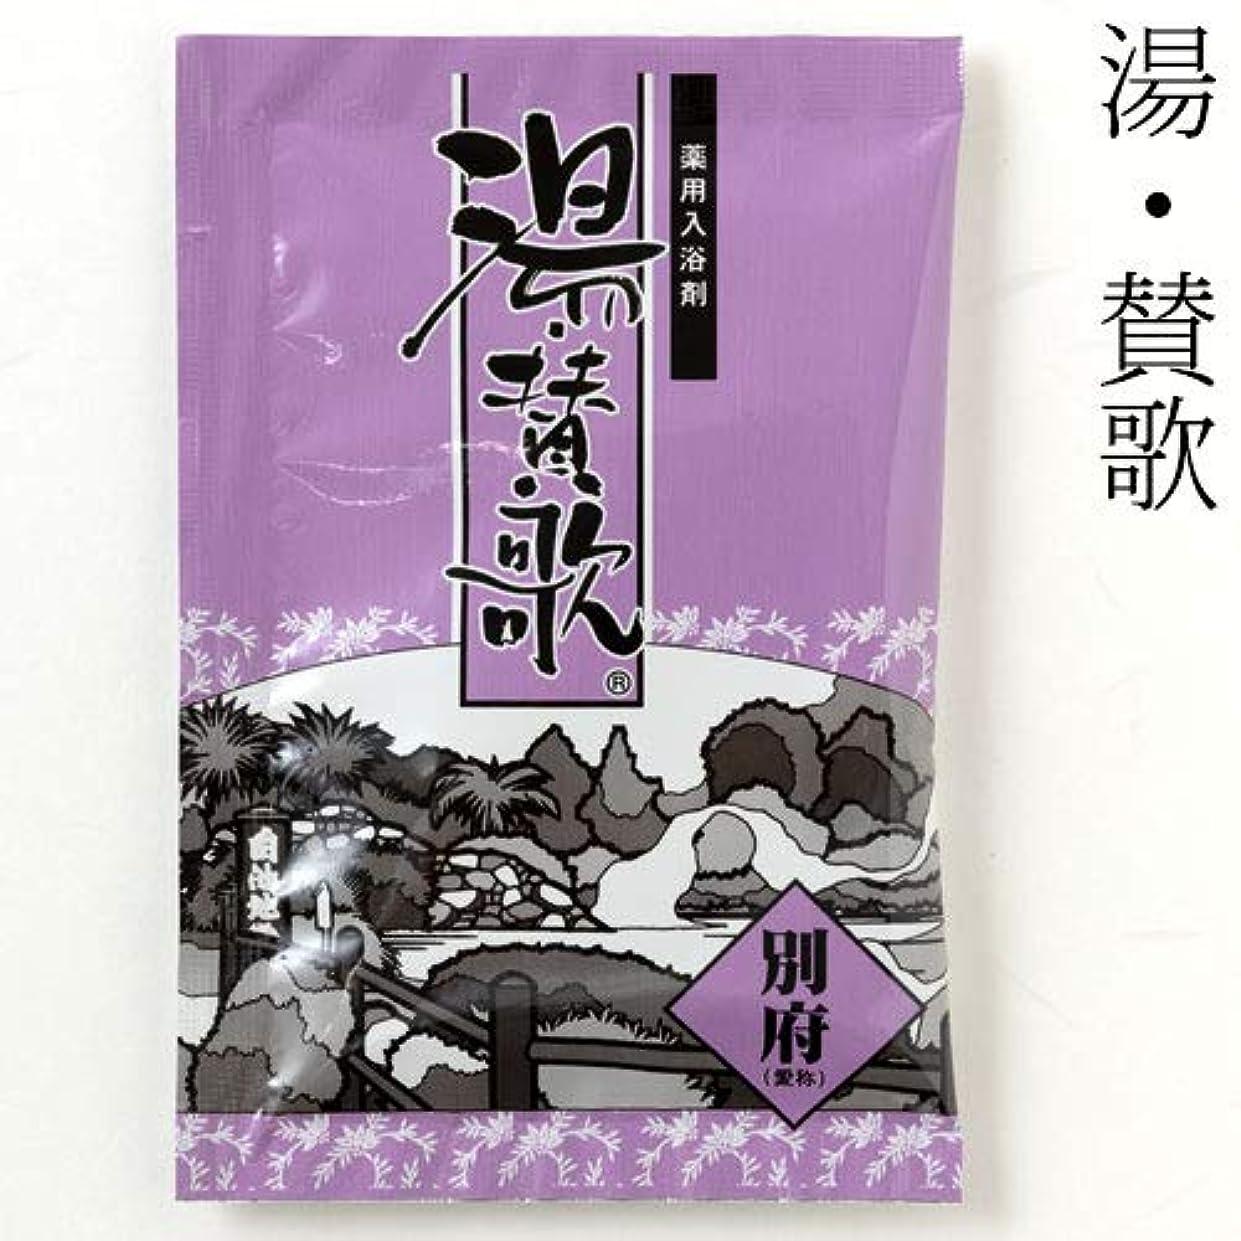 コンデンサー礼拝バンク入浴剤湯?賛歌別府1包石川県のお風呂グッズBath additive, Ishikawa craft